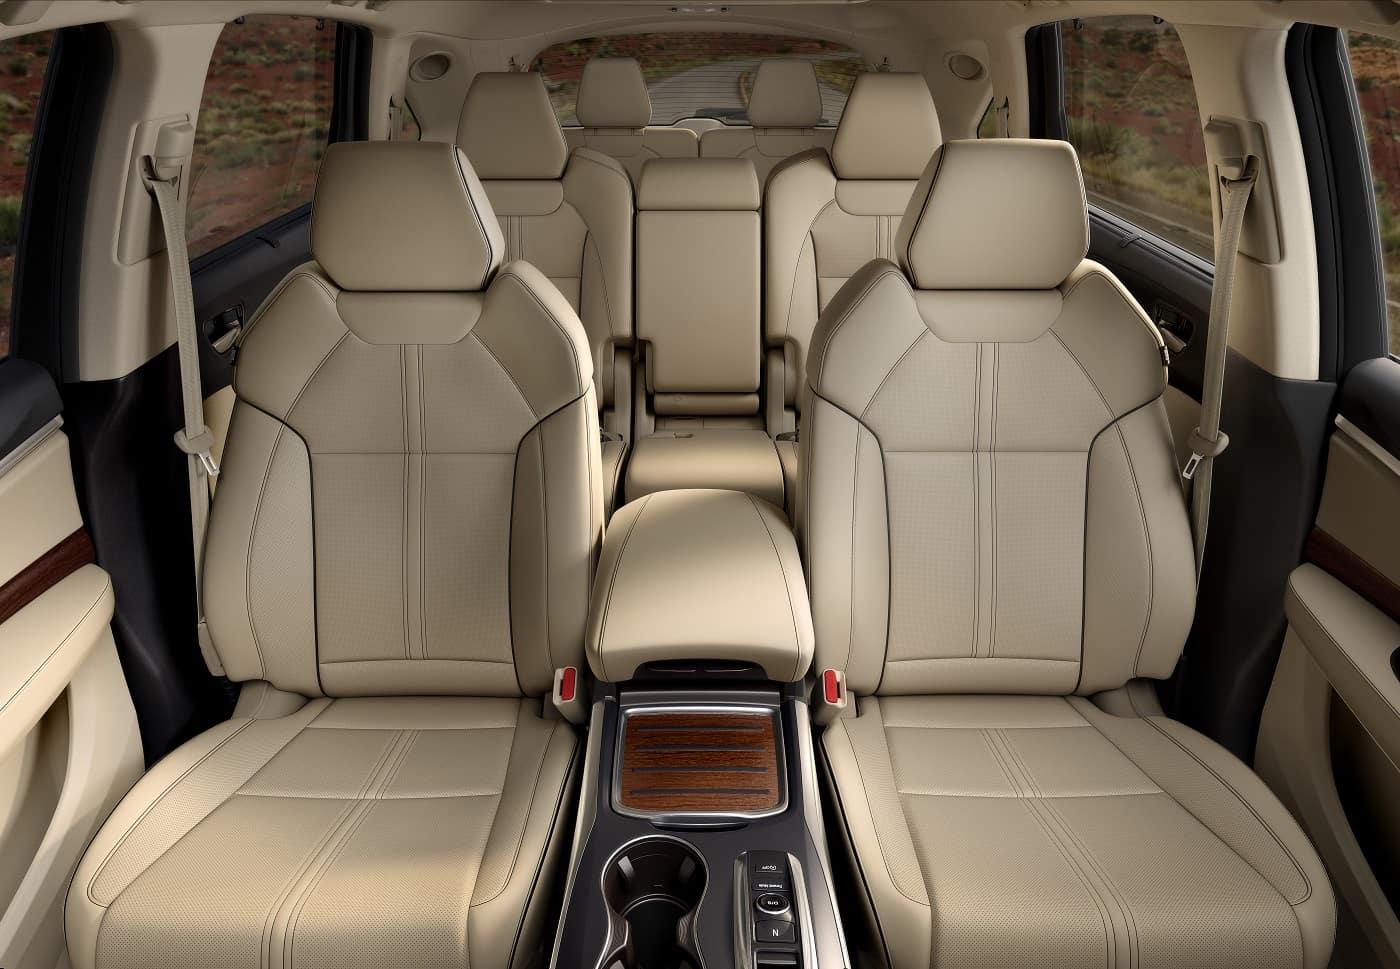 Acura MDX Interior Cabin